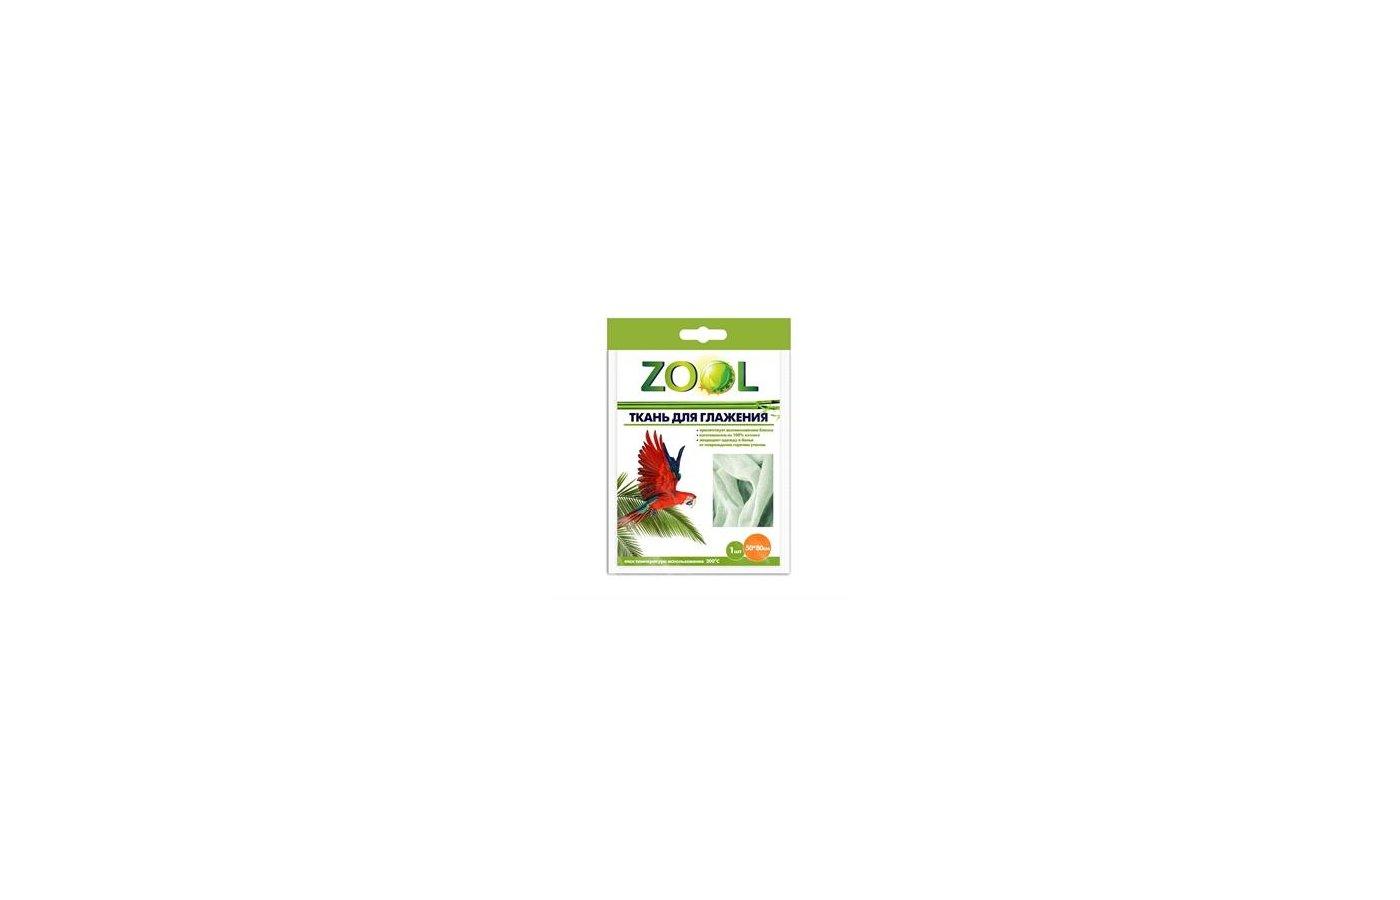 Аксессуары для утюгов ZOOL 702 Ткань д/глажения